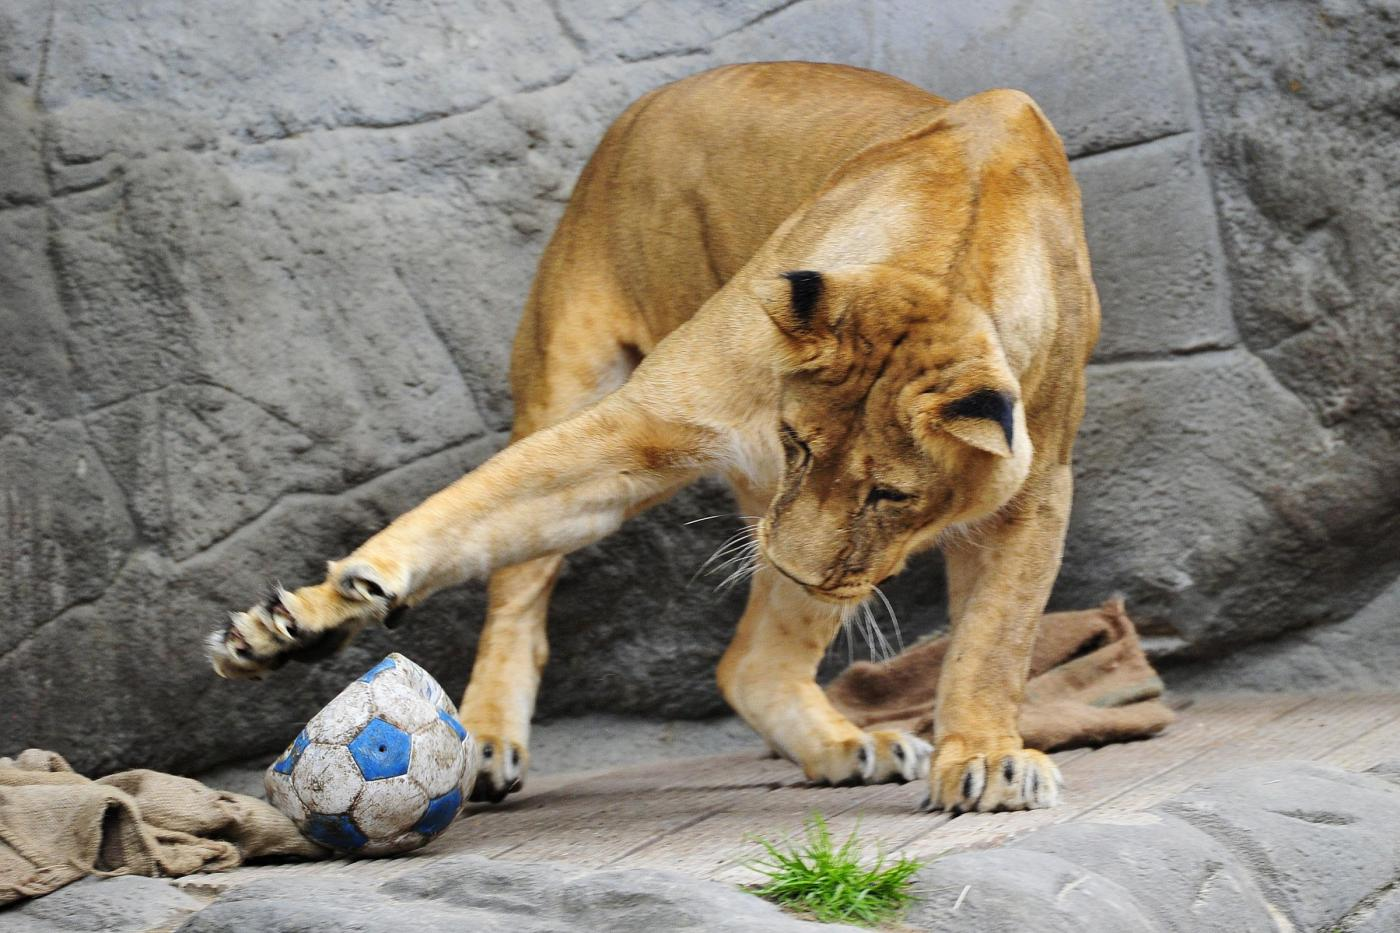 Giocare a calcio con i leoni lo zoologo kevin richardson - Agenzie immobiliari ad amburgo ...